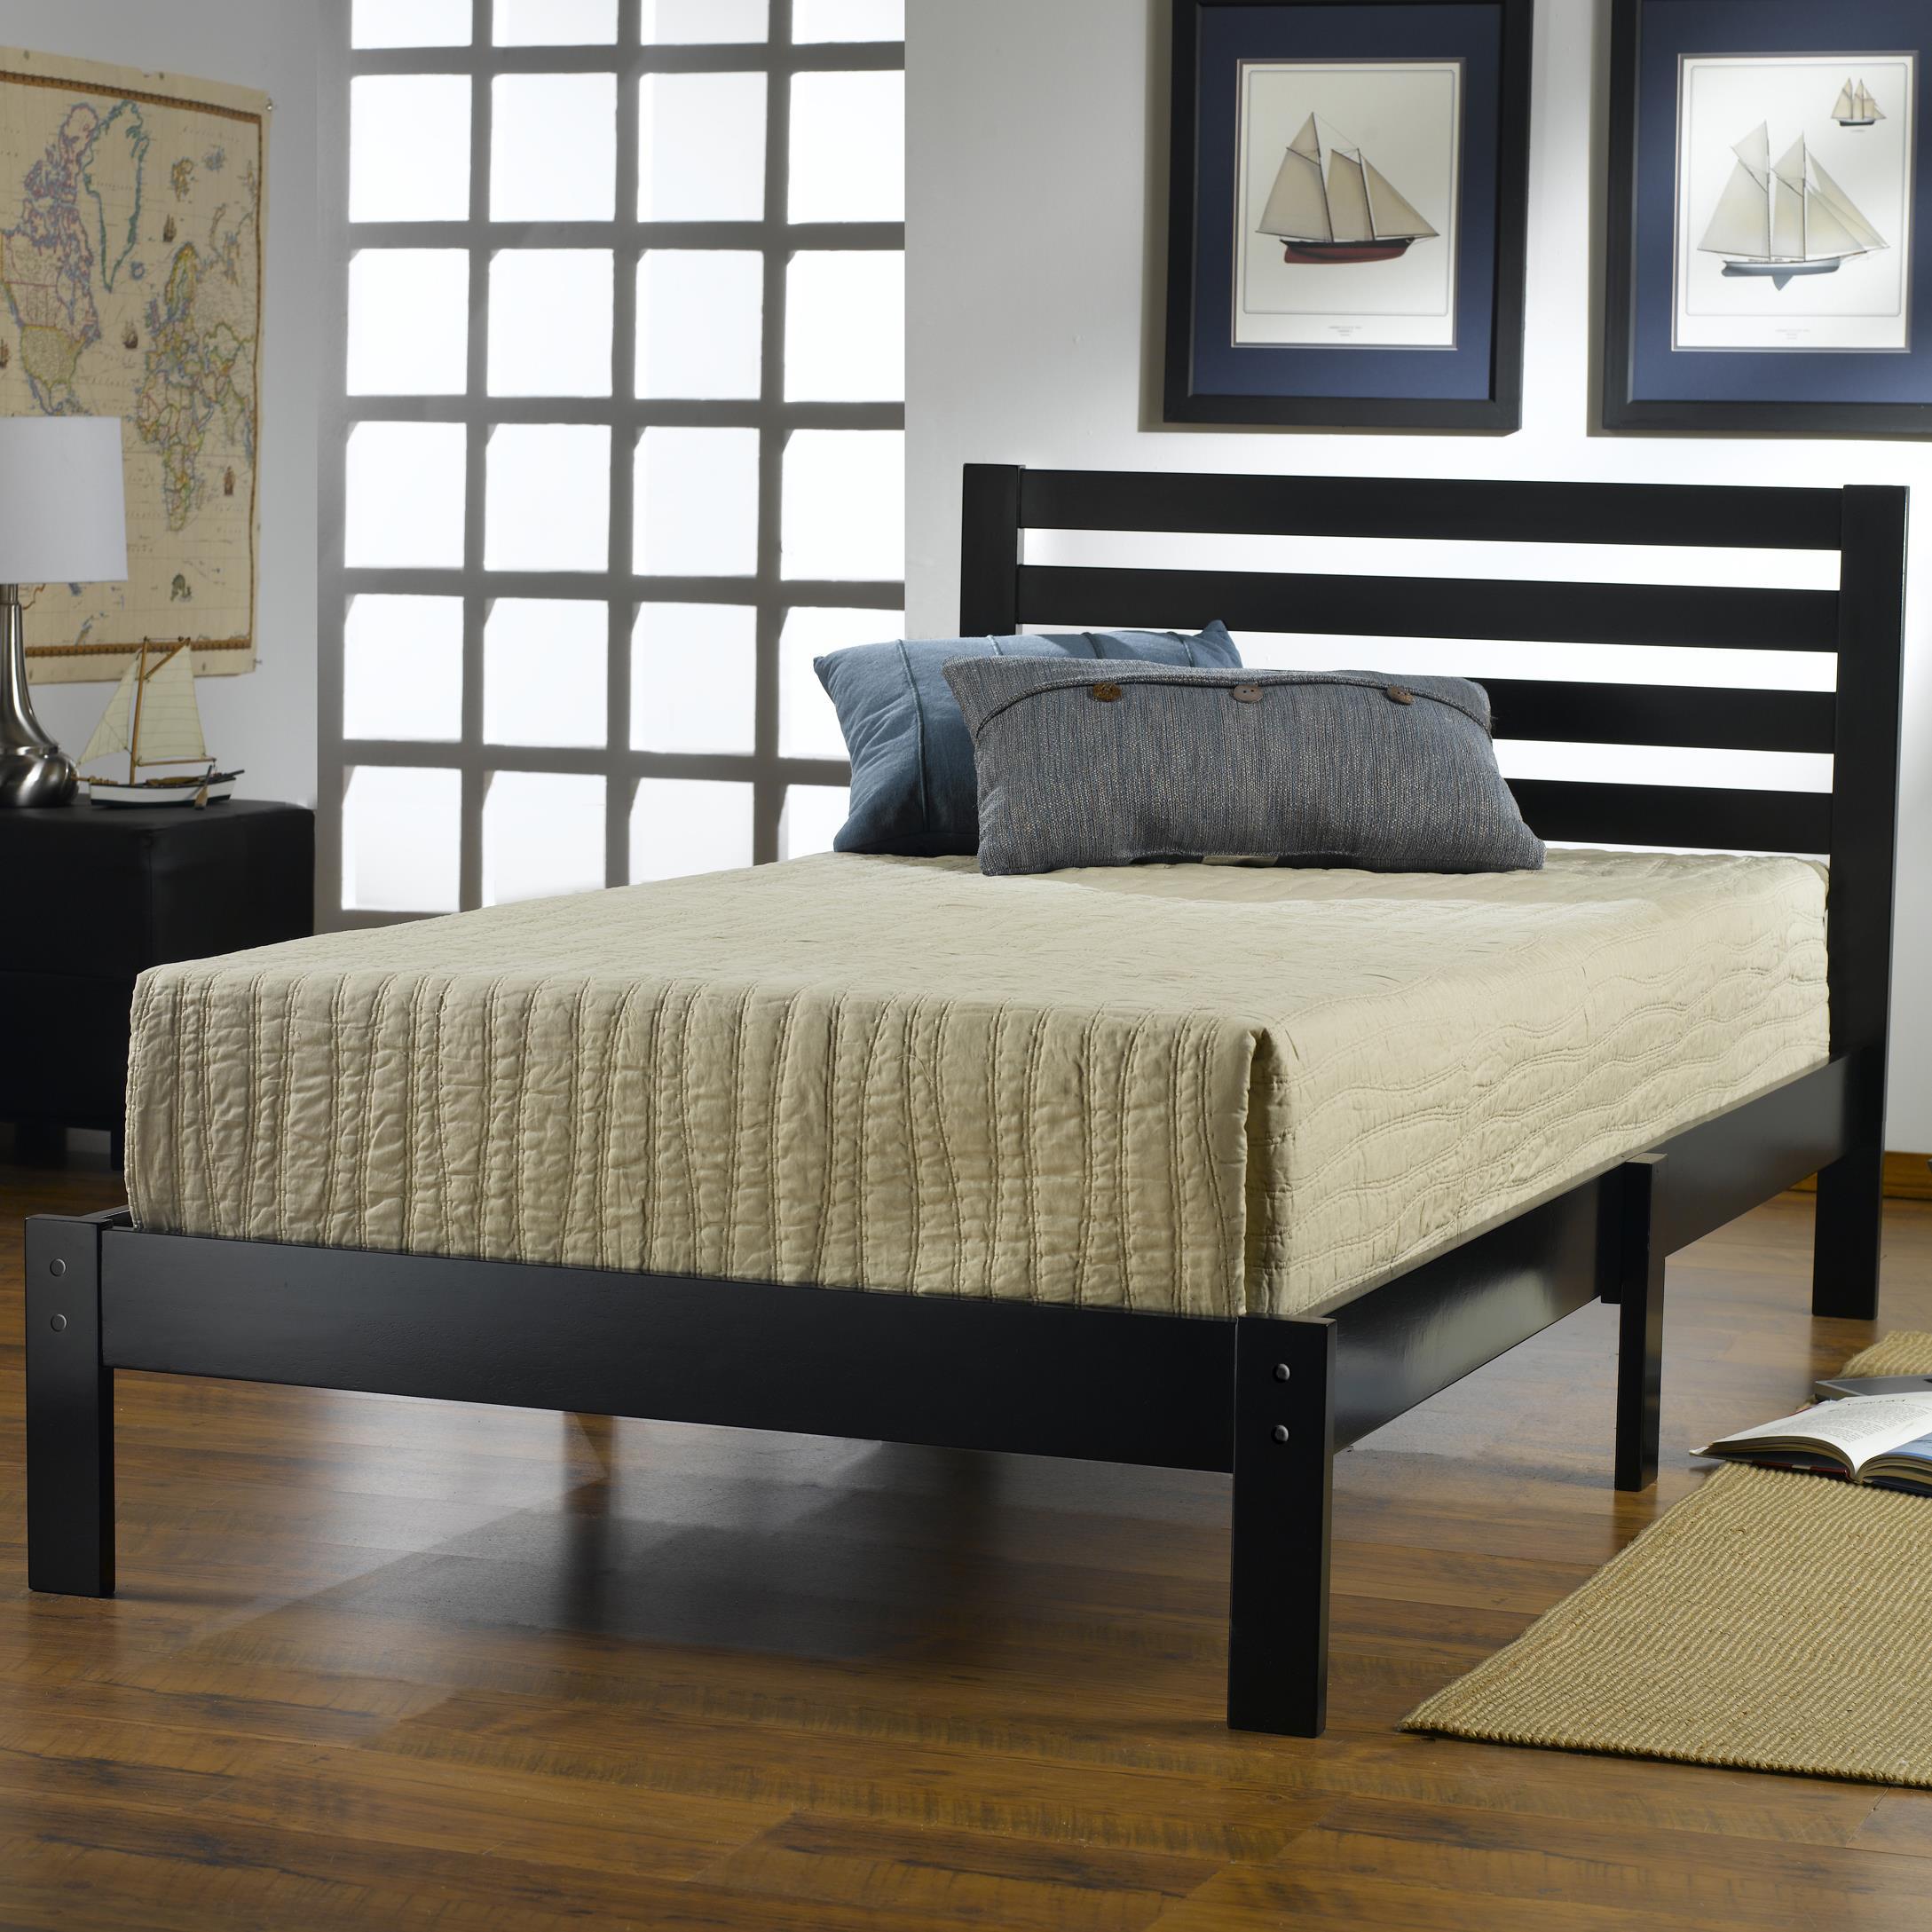 Hillsdale Wood Beds Twin Platform Bed Set Godby Home Furnishings Platform Beds Low Profile Beds